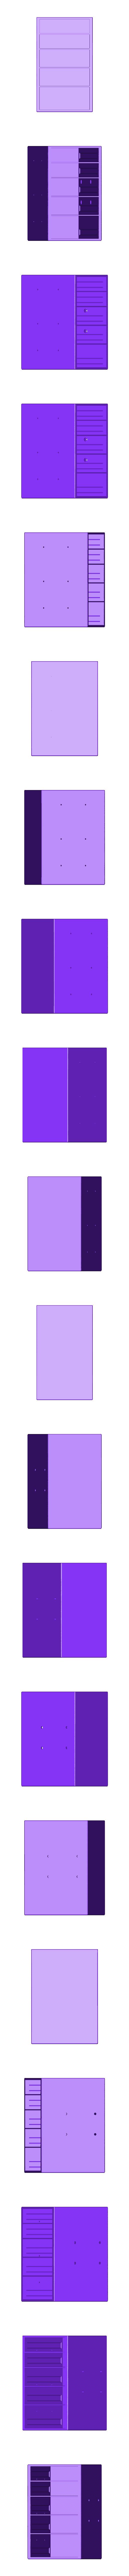 Ender-3 Pro_5D Storage Bin.STL Download STL file Ender 3 Pro Storage Mod Kit • Object to 3D print, a3rdDimension